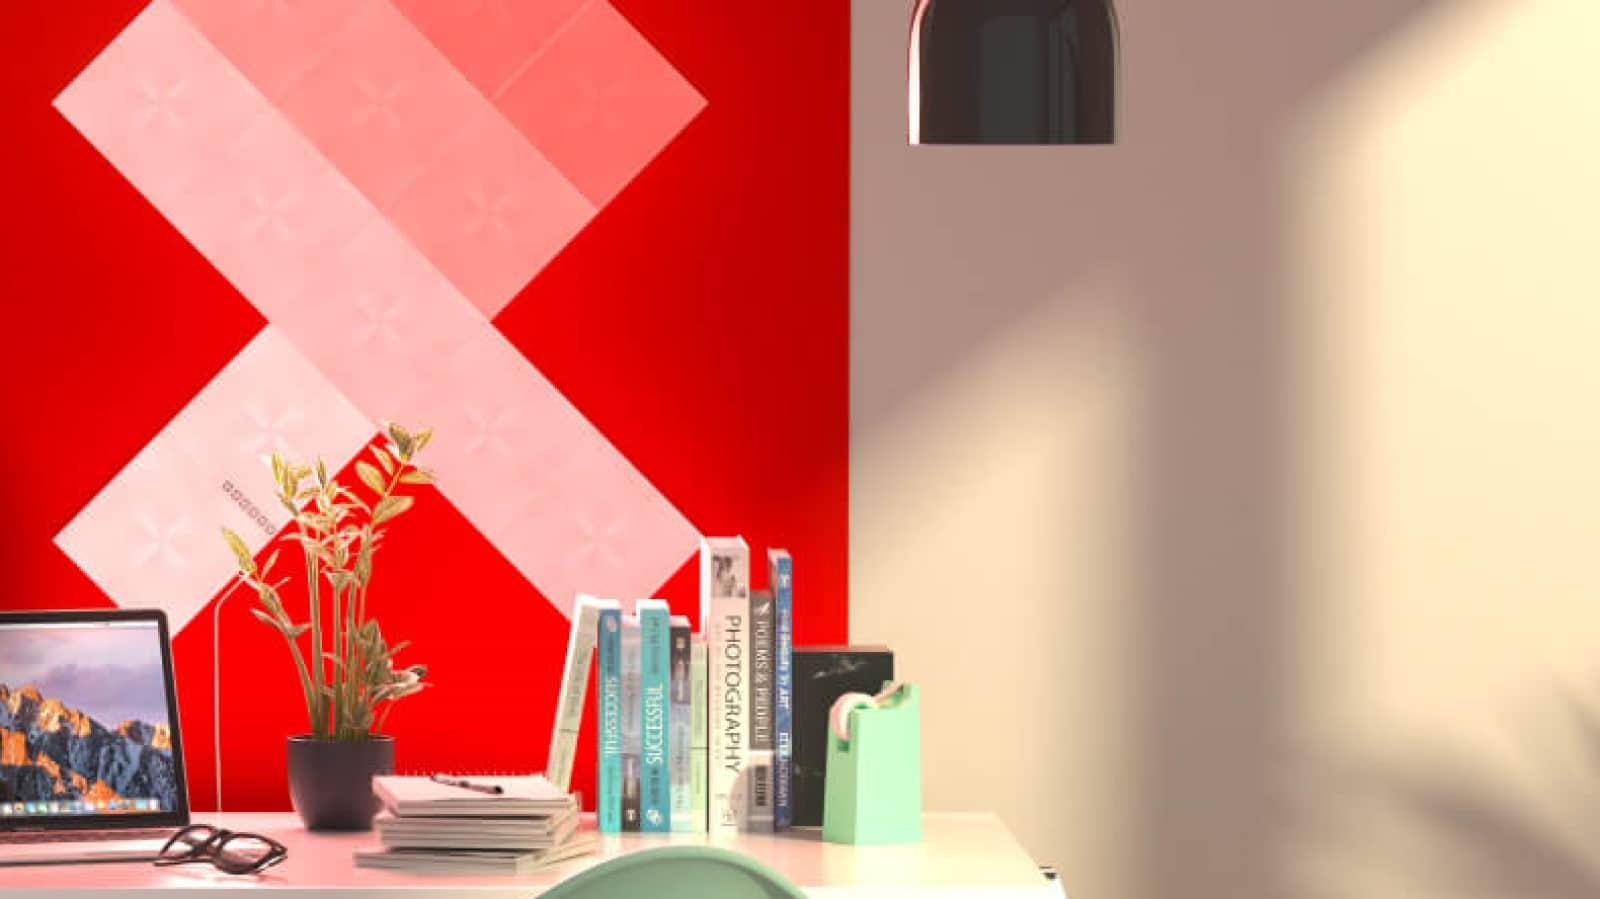 nanoleaf canvas light panels above desk